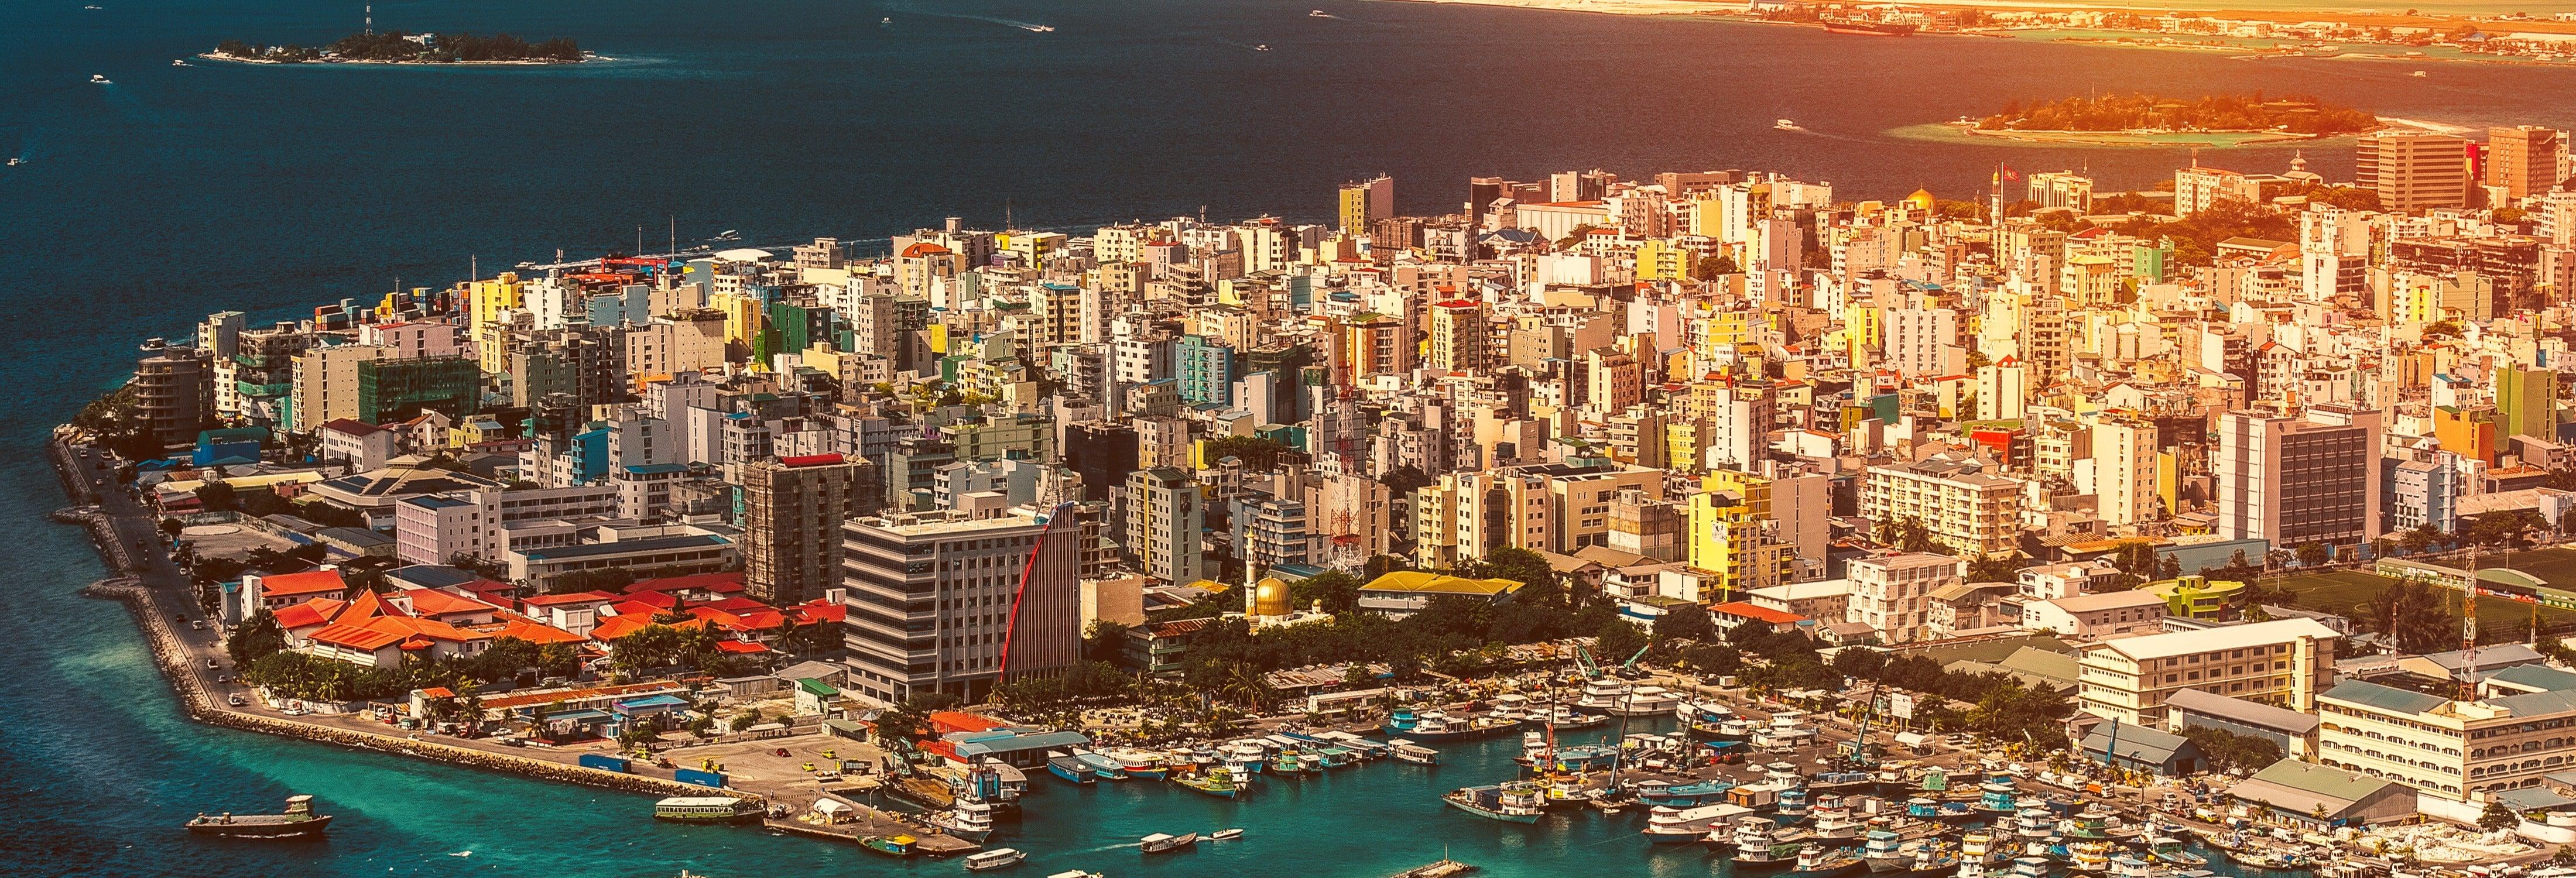 Visita guiada por Malé + Excursão a Villimale